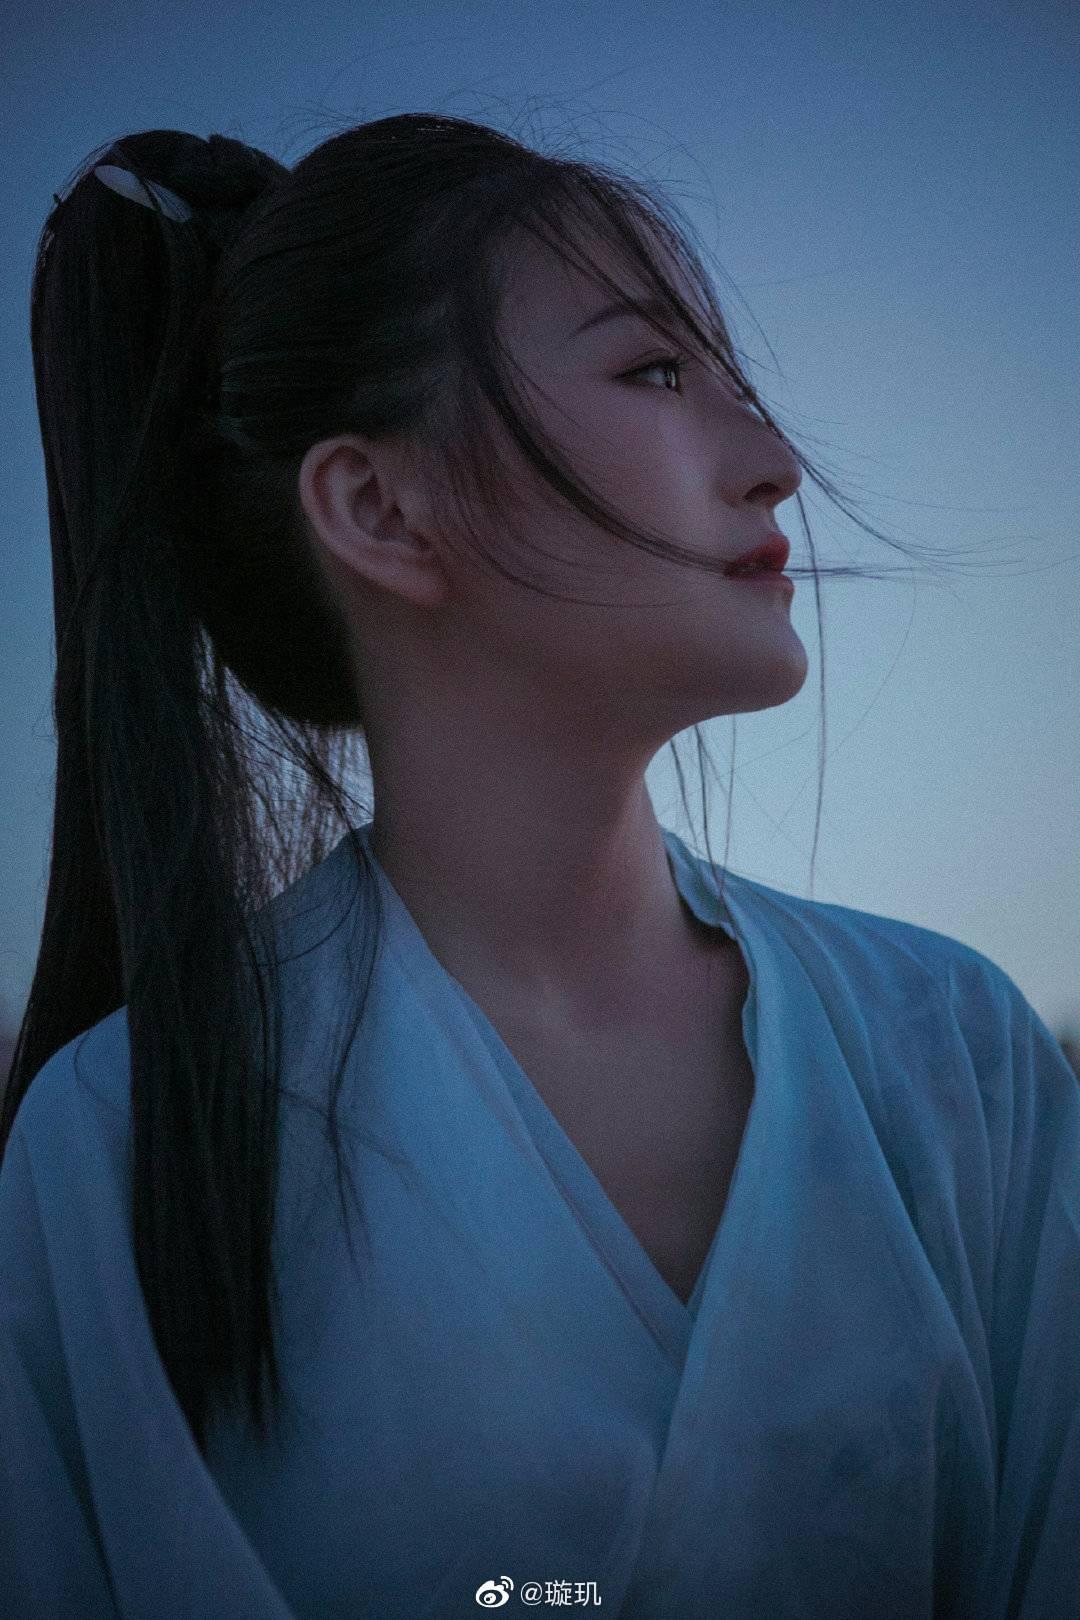 安九和璇玑麻麻《长城之下》再次相聚啦